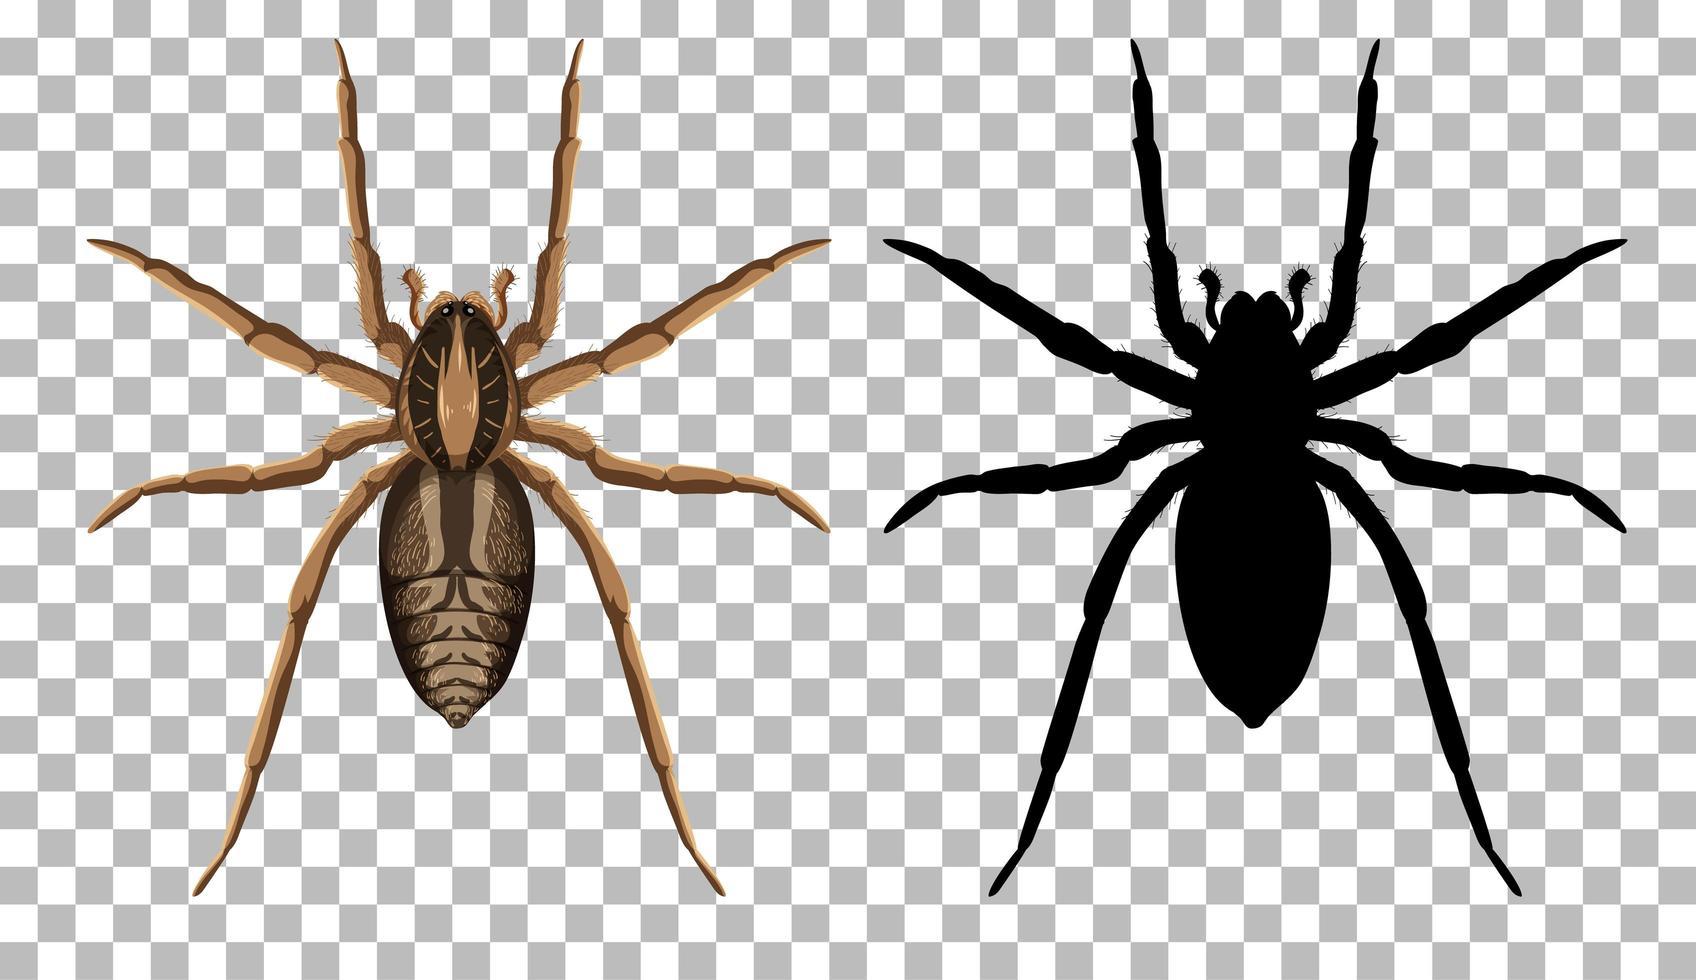 Araignée-loup avec sa silhouette isolée sur fond transparent vecteur